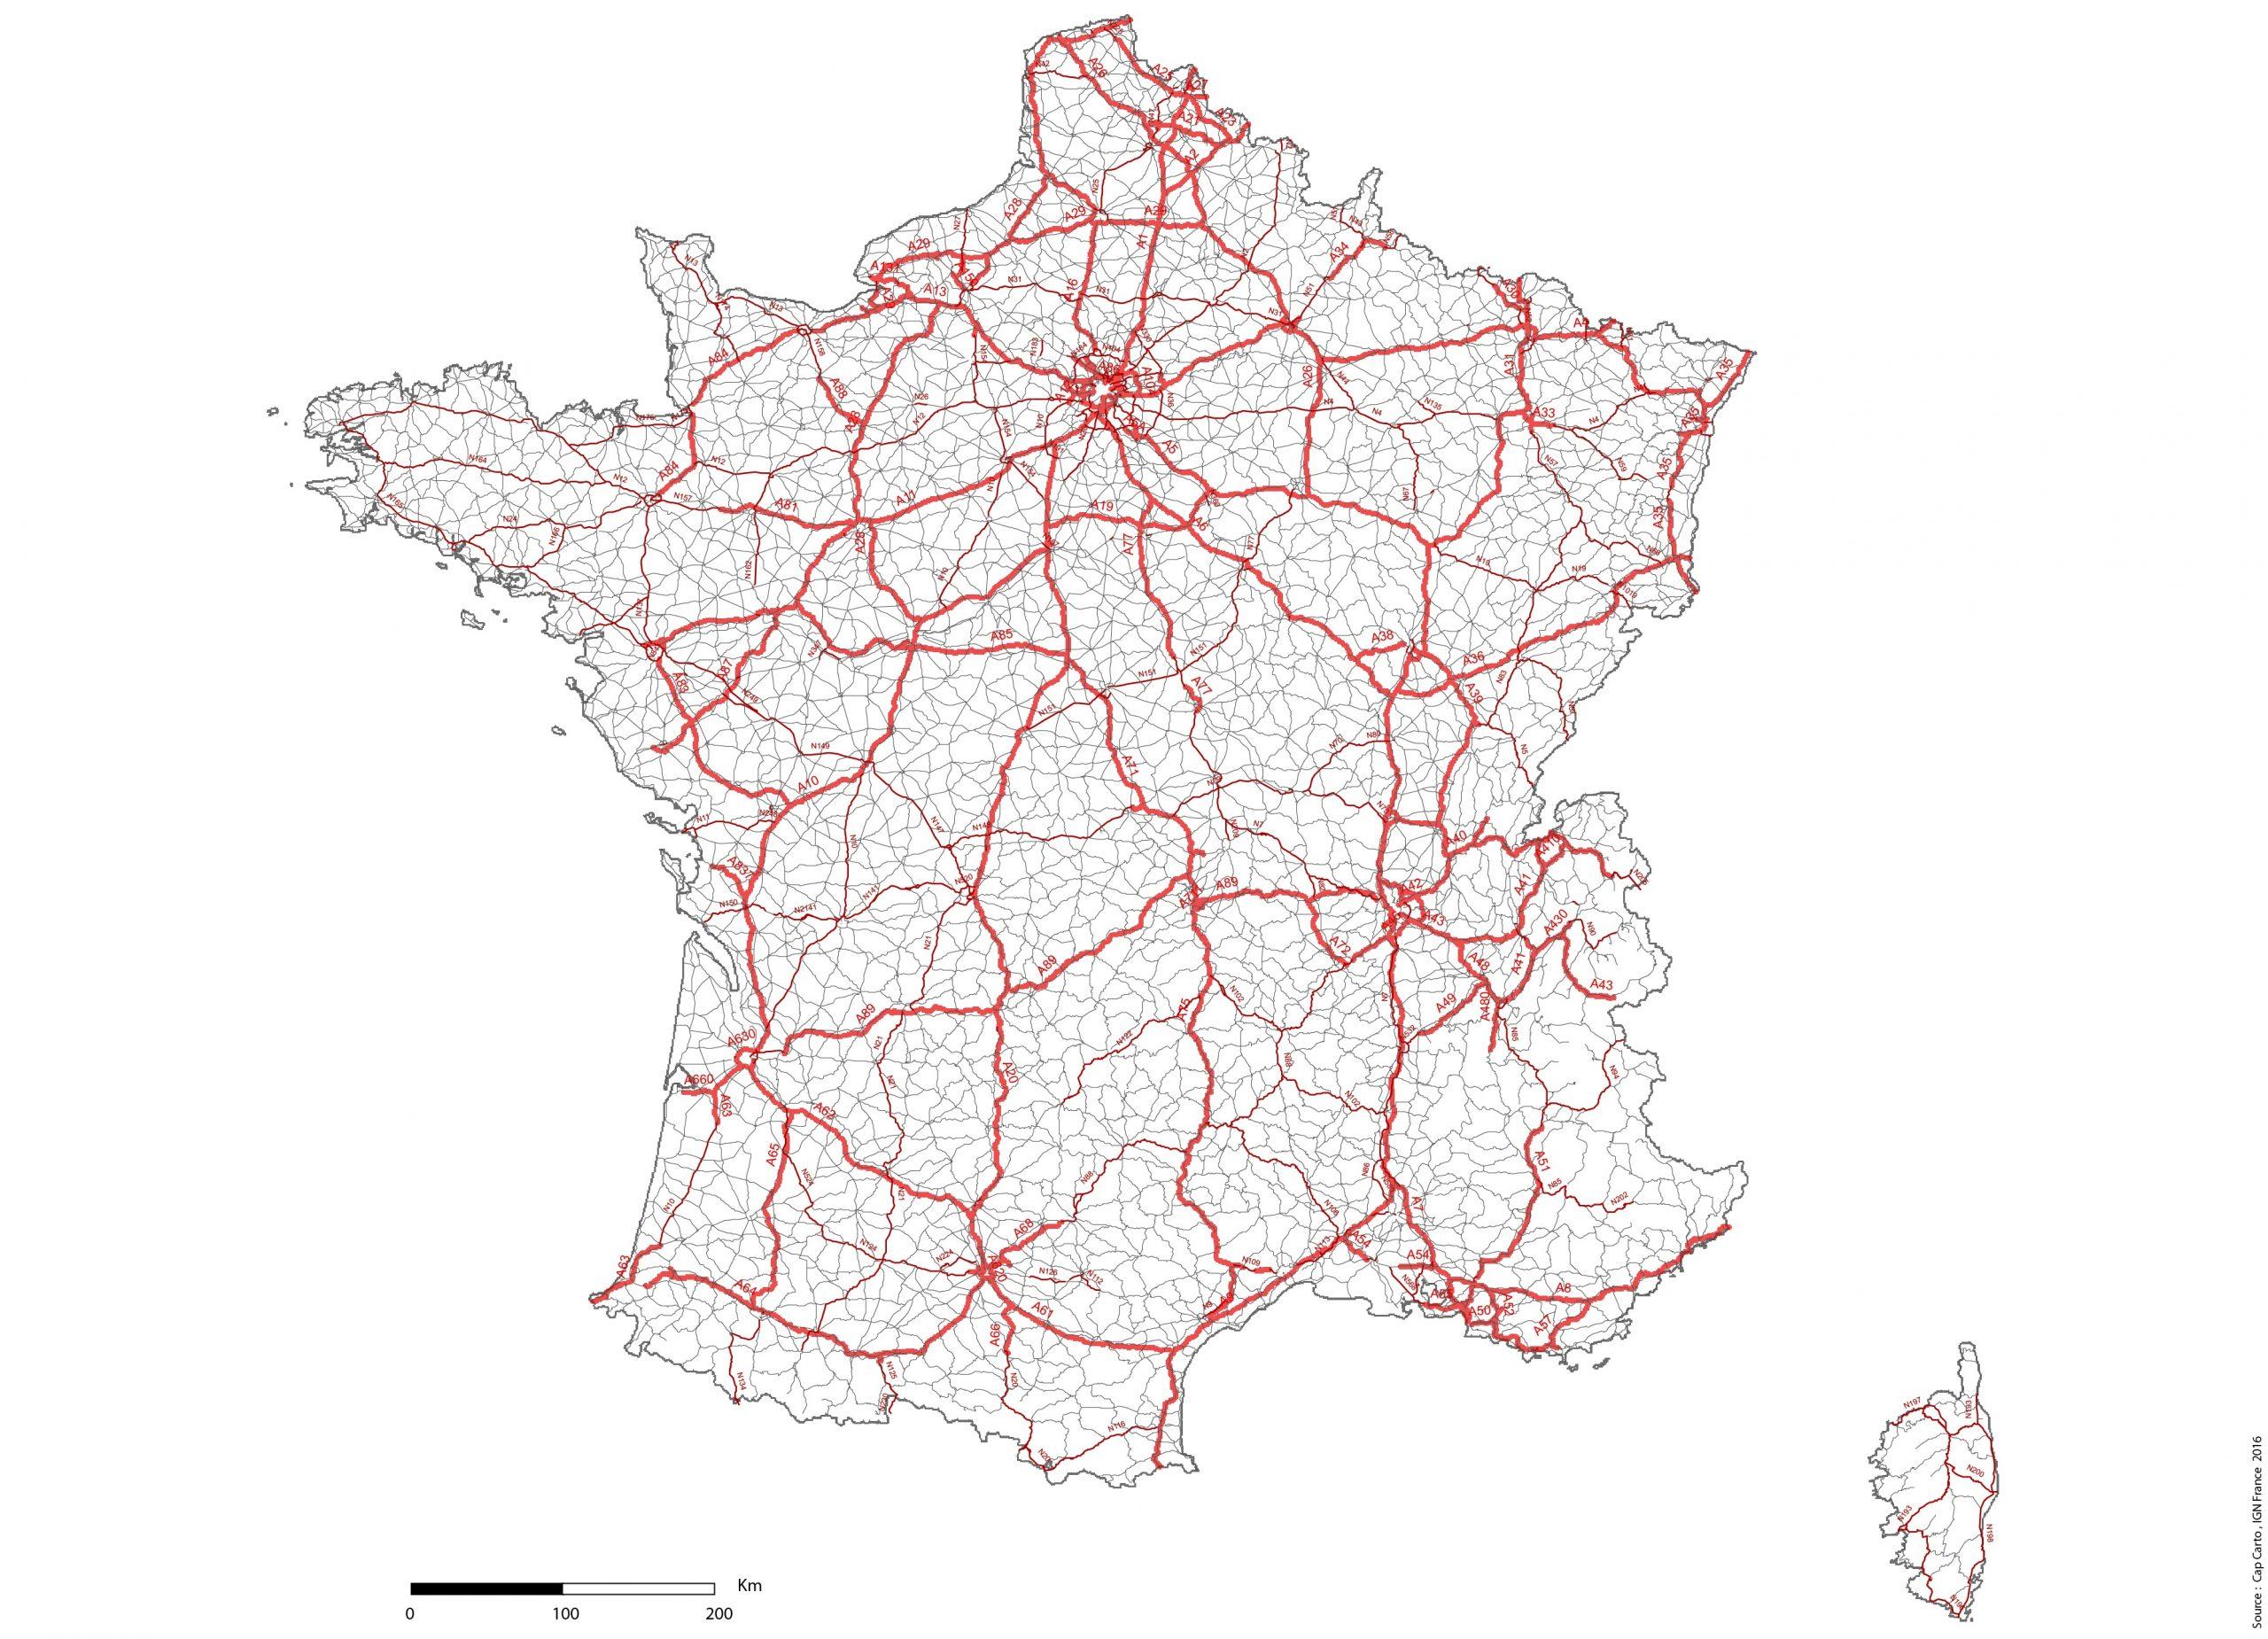 France-Reseaux-Routier-Noms-Lambert93-Echelle - Cap Carto intérieur Carte Routiere France Gratuite